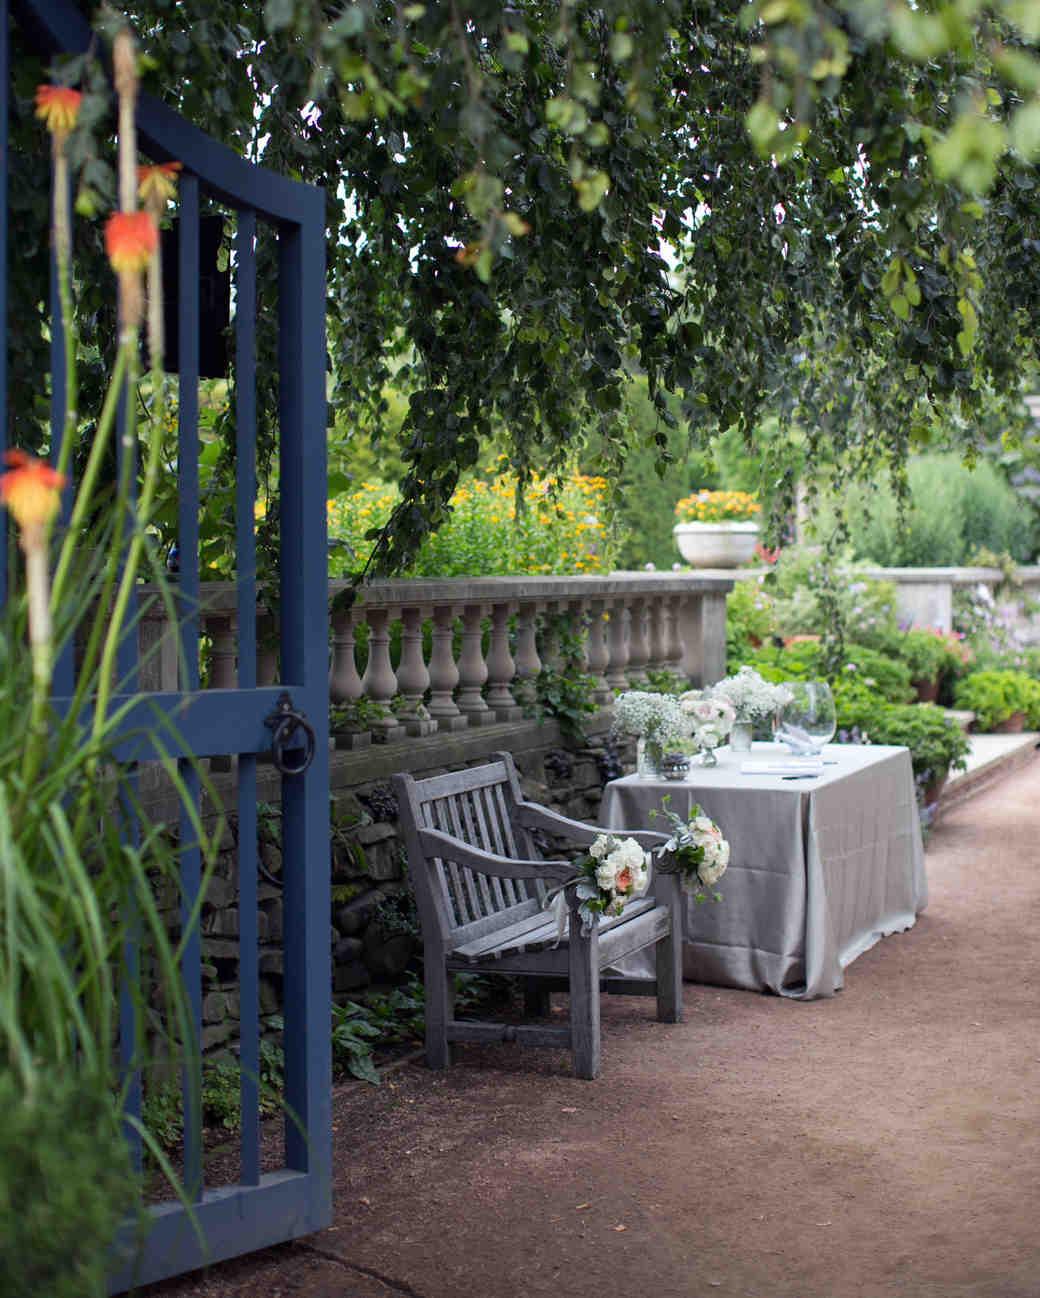 botanicalgardens-chicago-0615.jpg